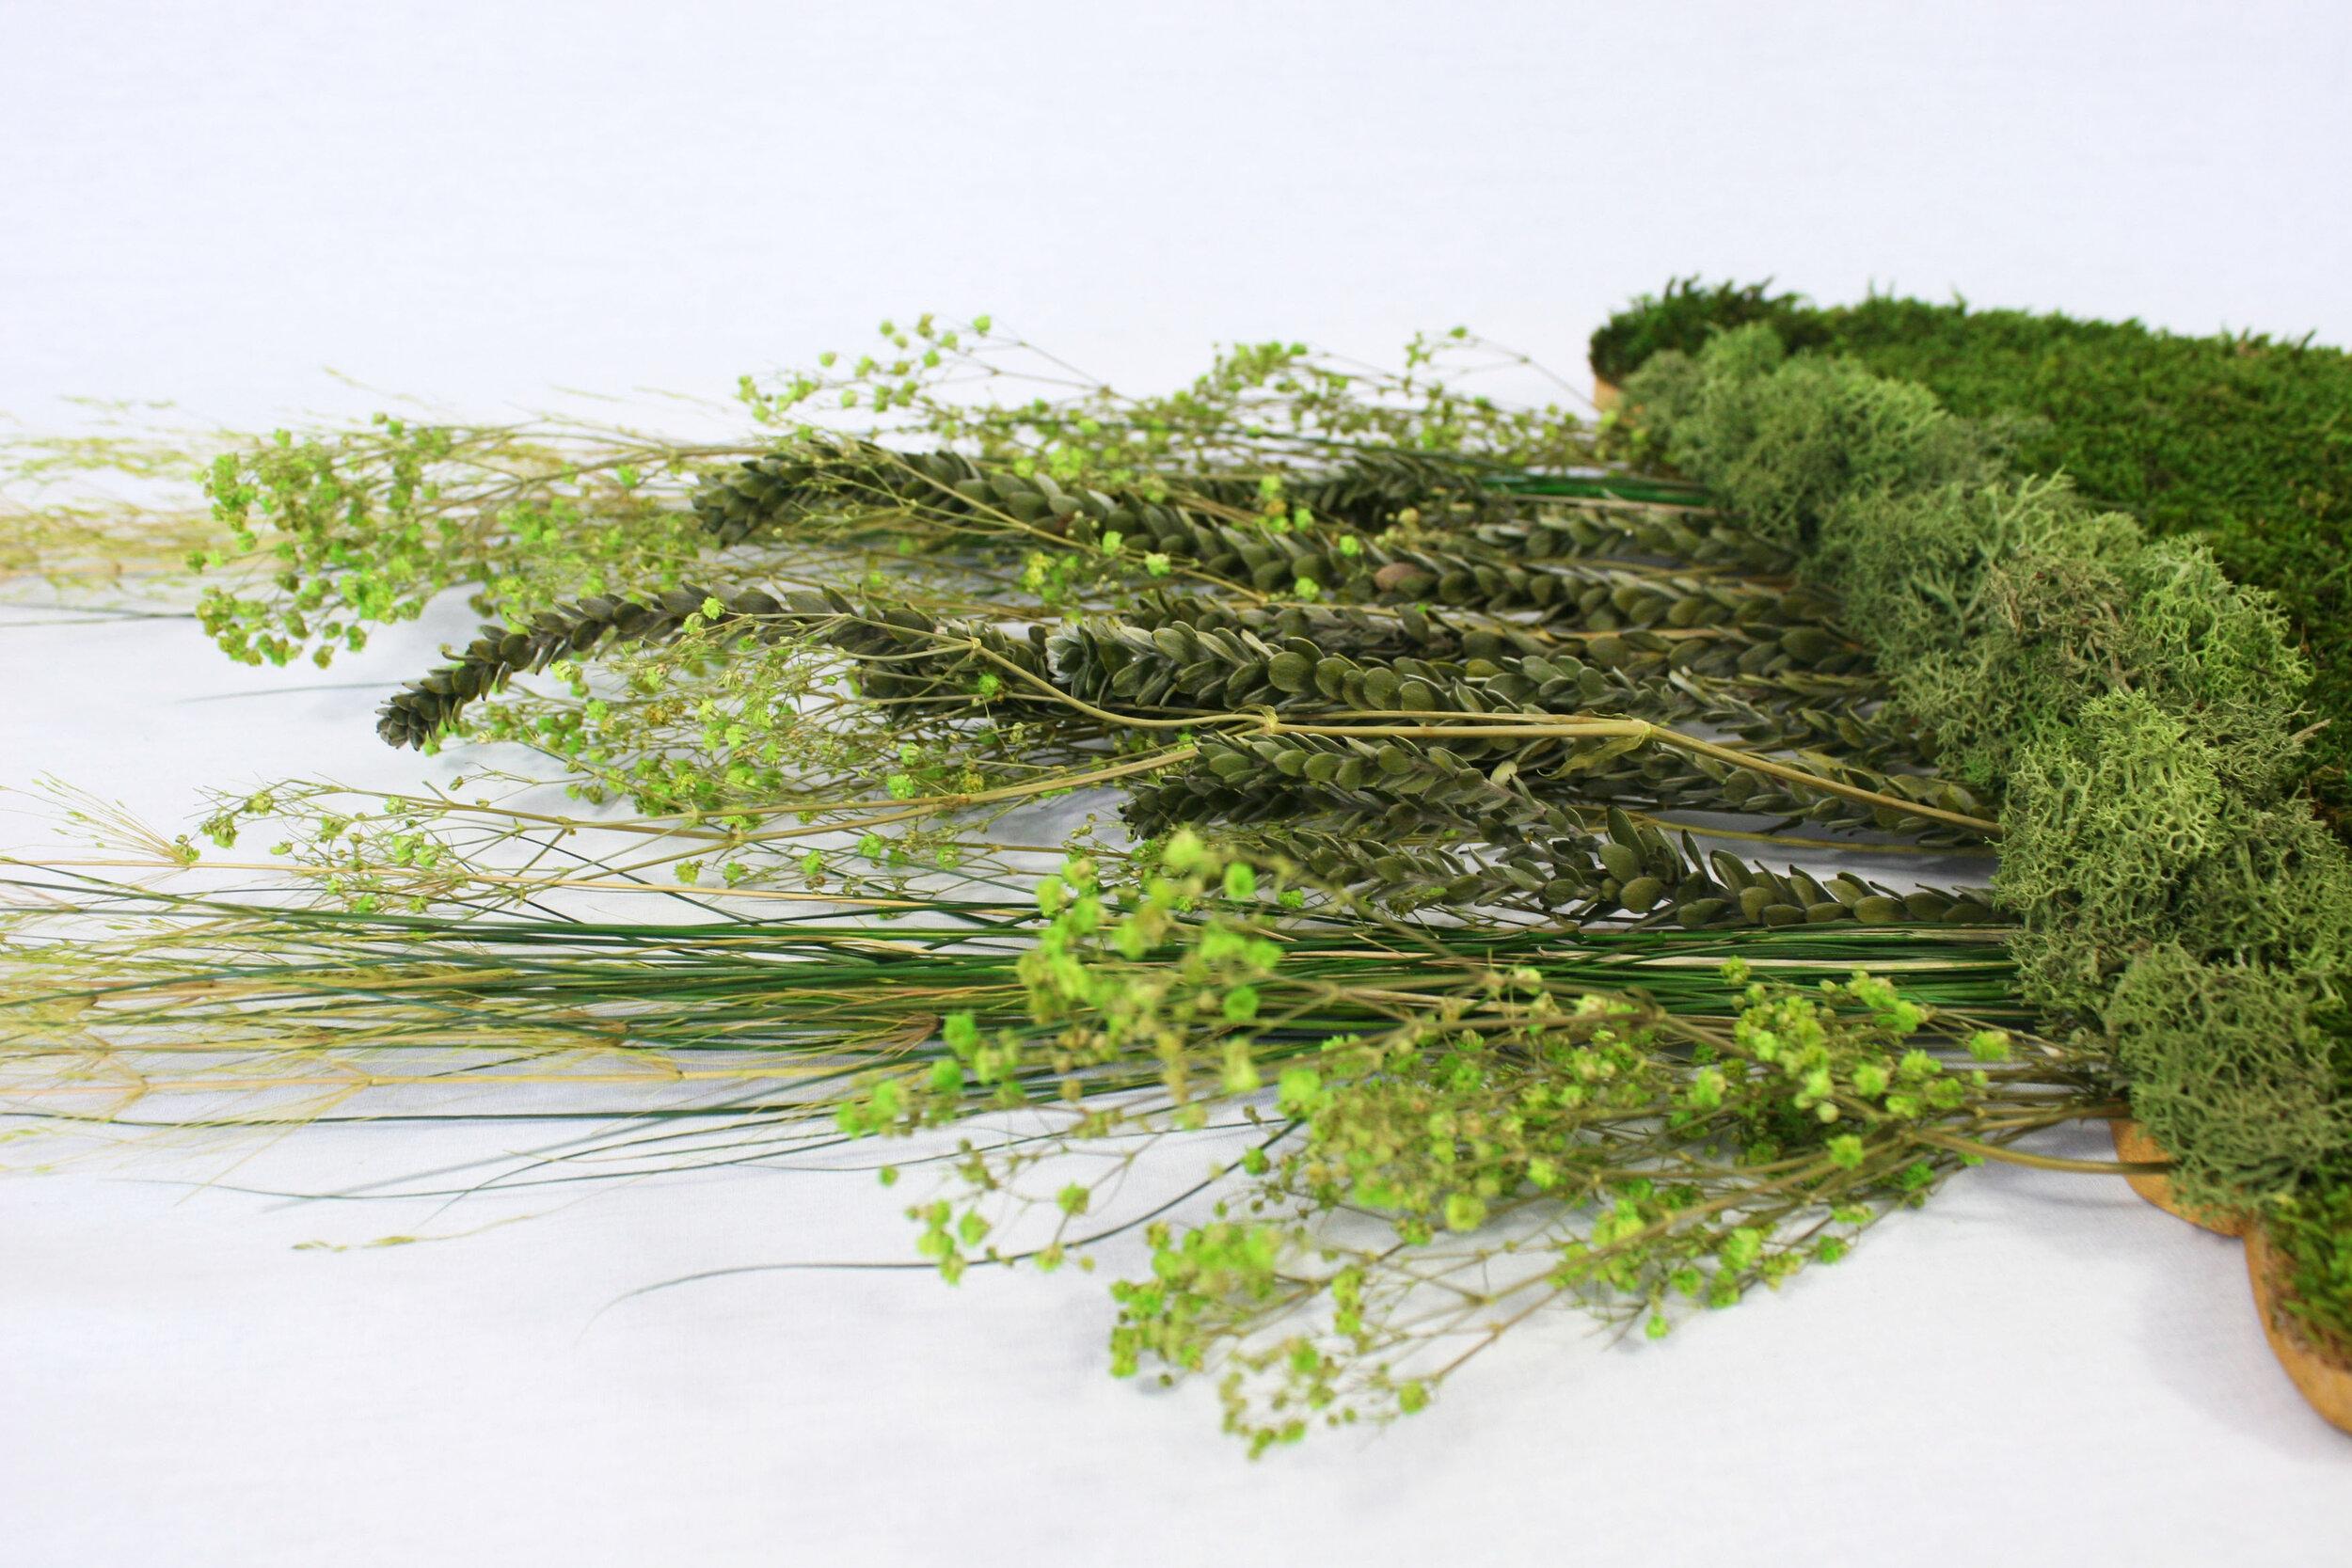 cadre-vegetal-meduse1-silhouette-zoom2-hoai.JPG